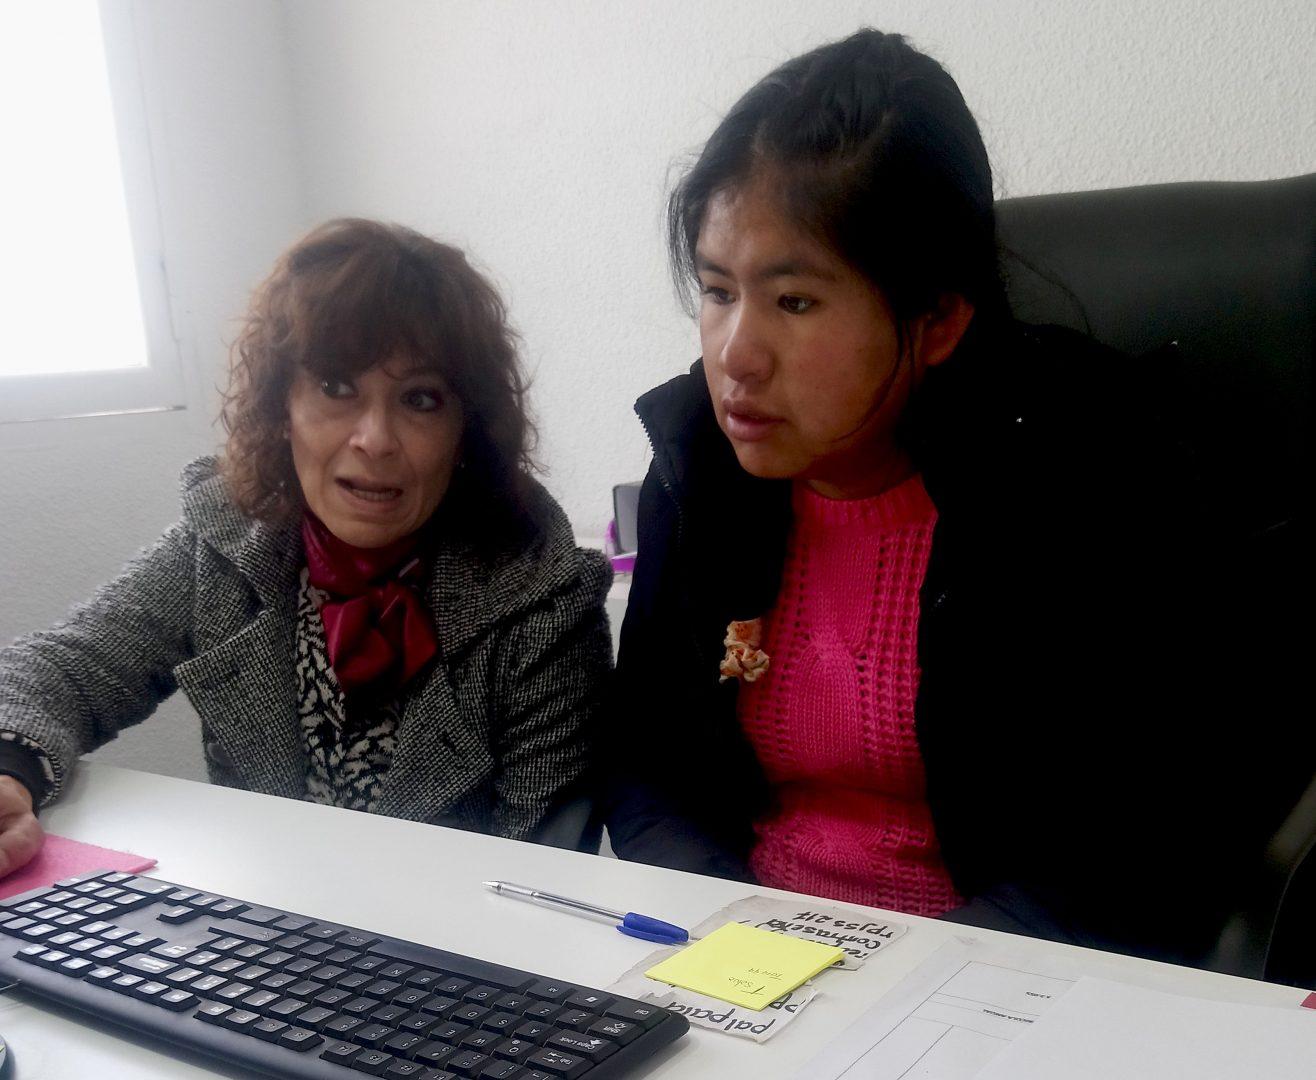 Convenio con pueblos originarios: vínculos para la educación